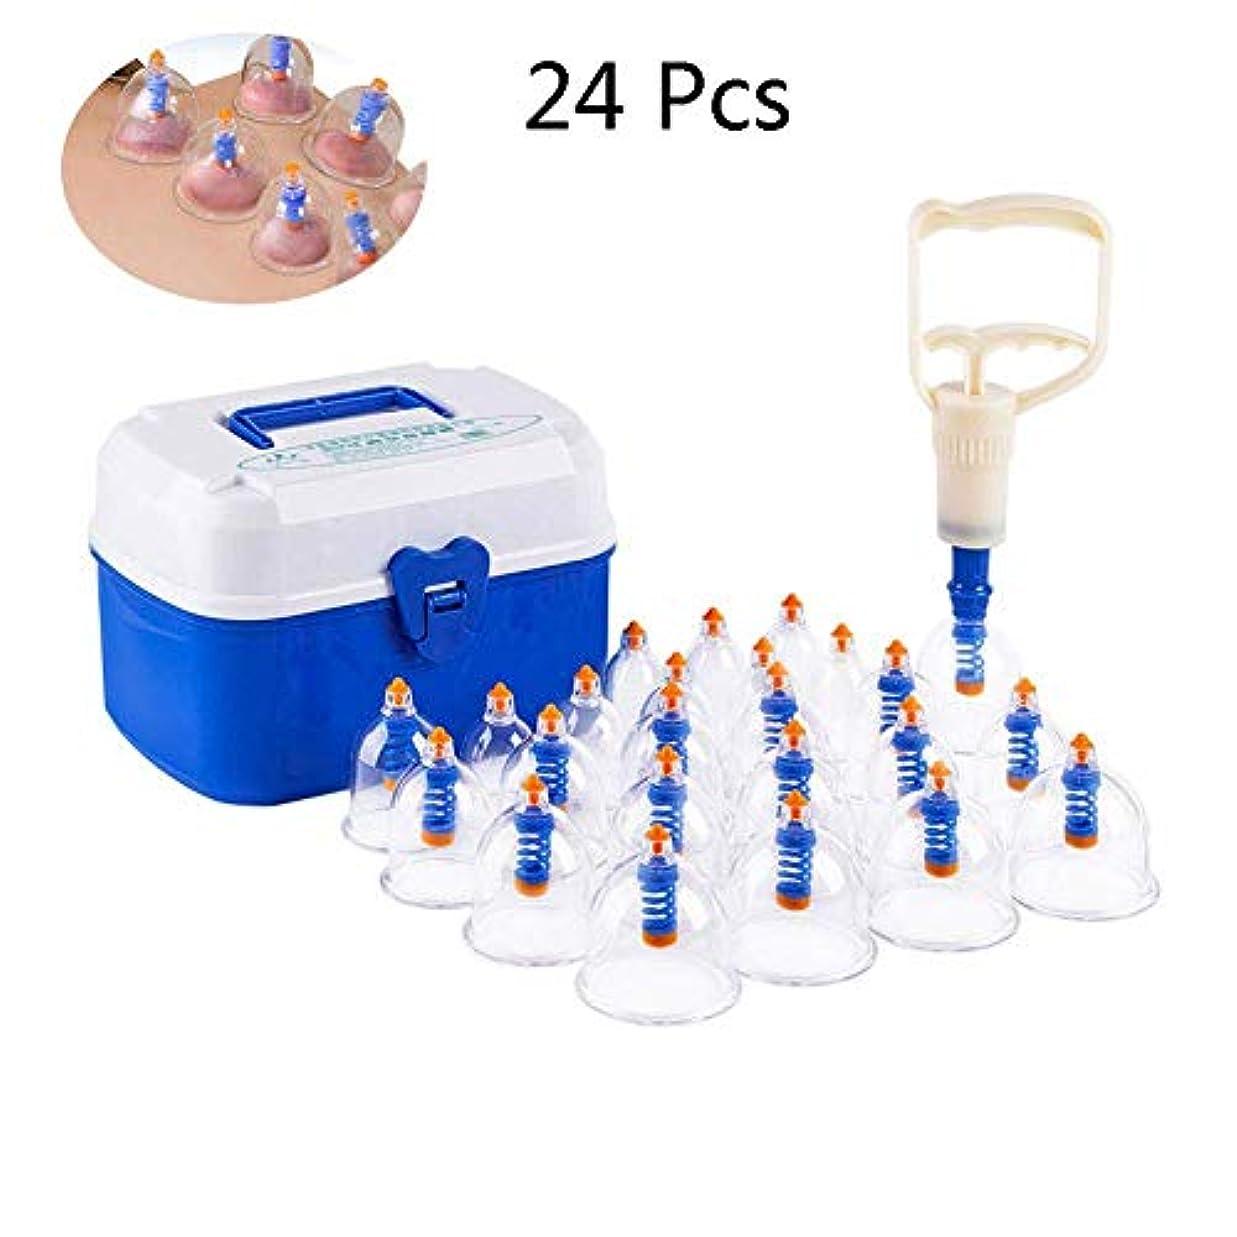 名前所持学習カッピング療法セット、大人と高齢者に適したポンプハンドルと延長チューブを備えたプロフェッショナルカッピング24カップセット